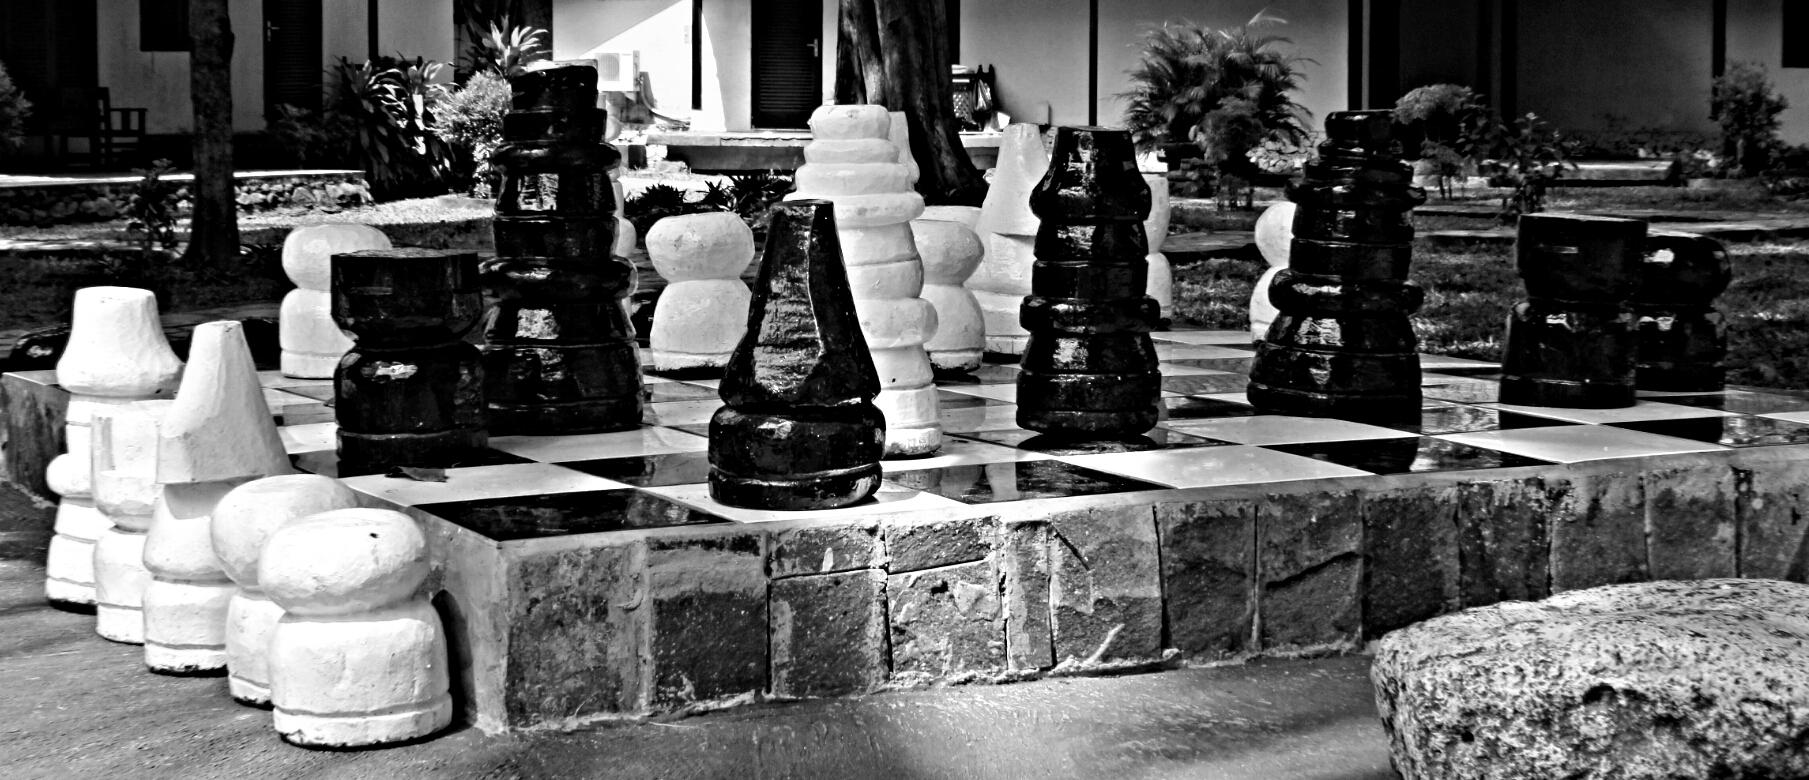 Big stone chess